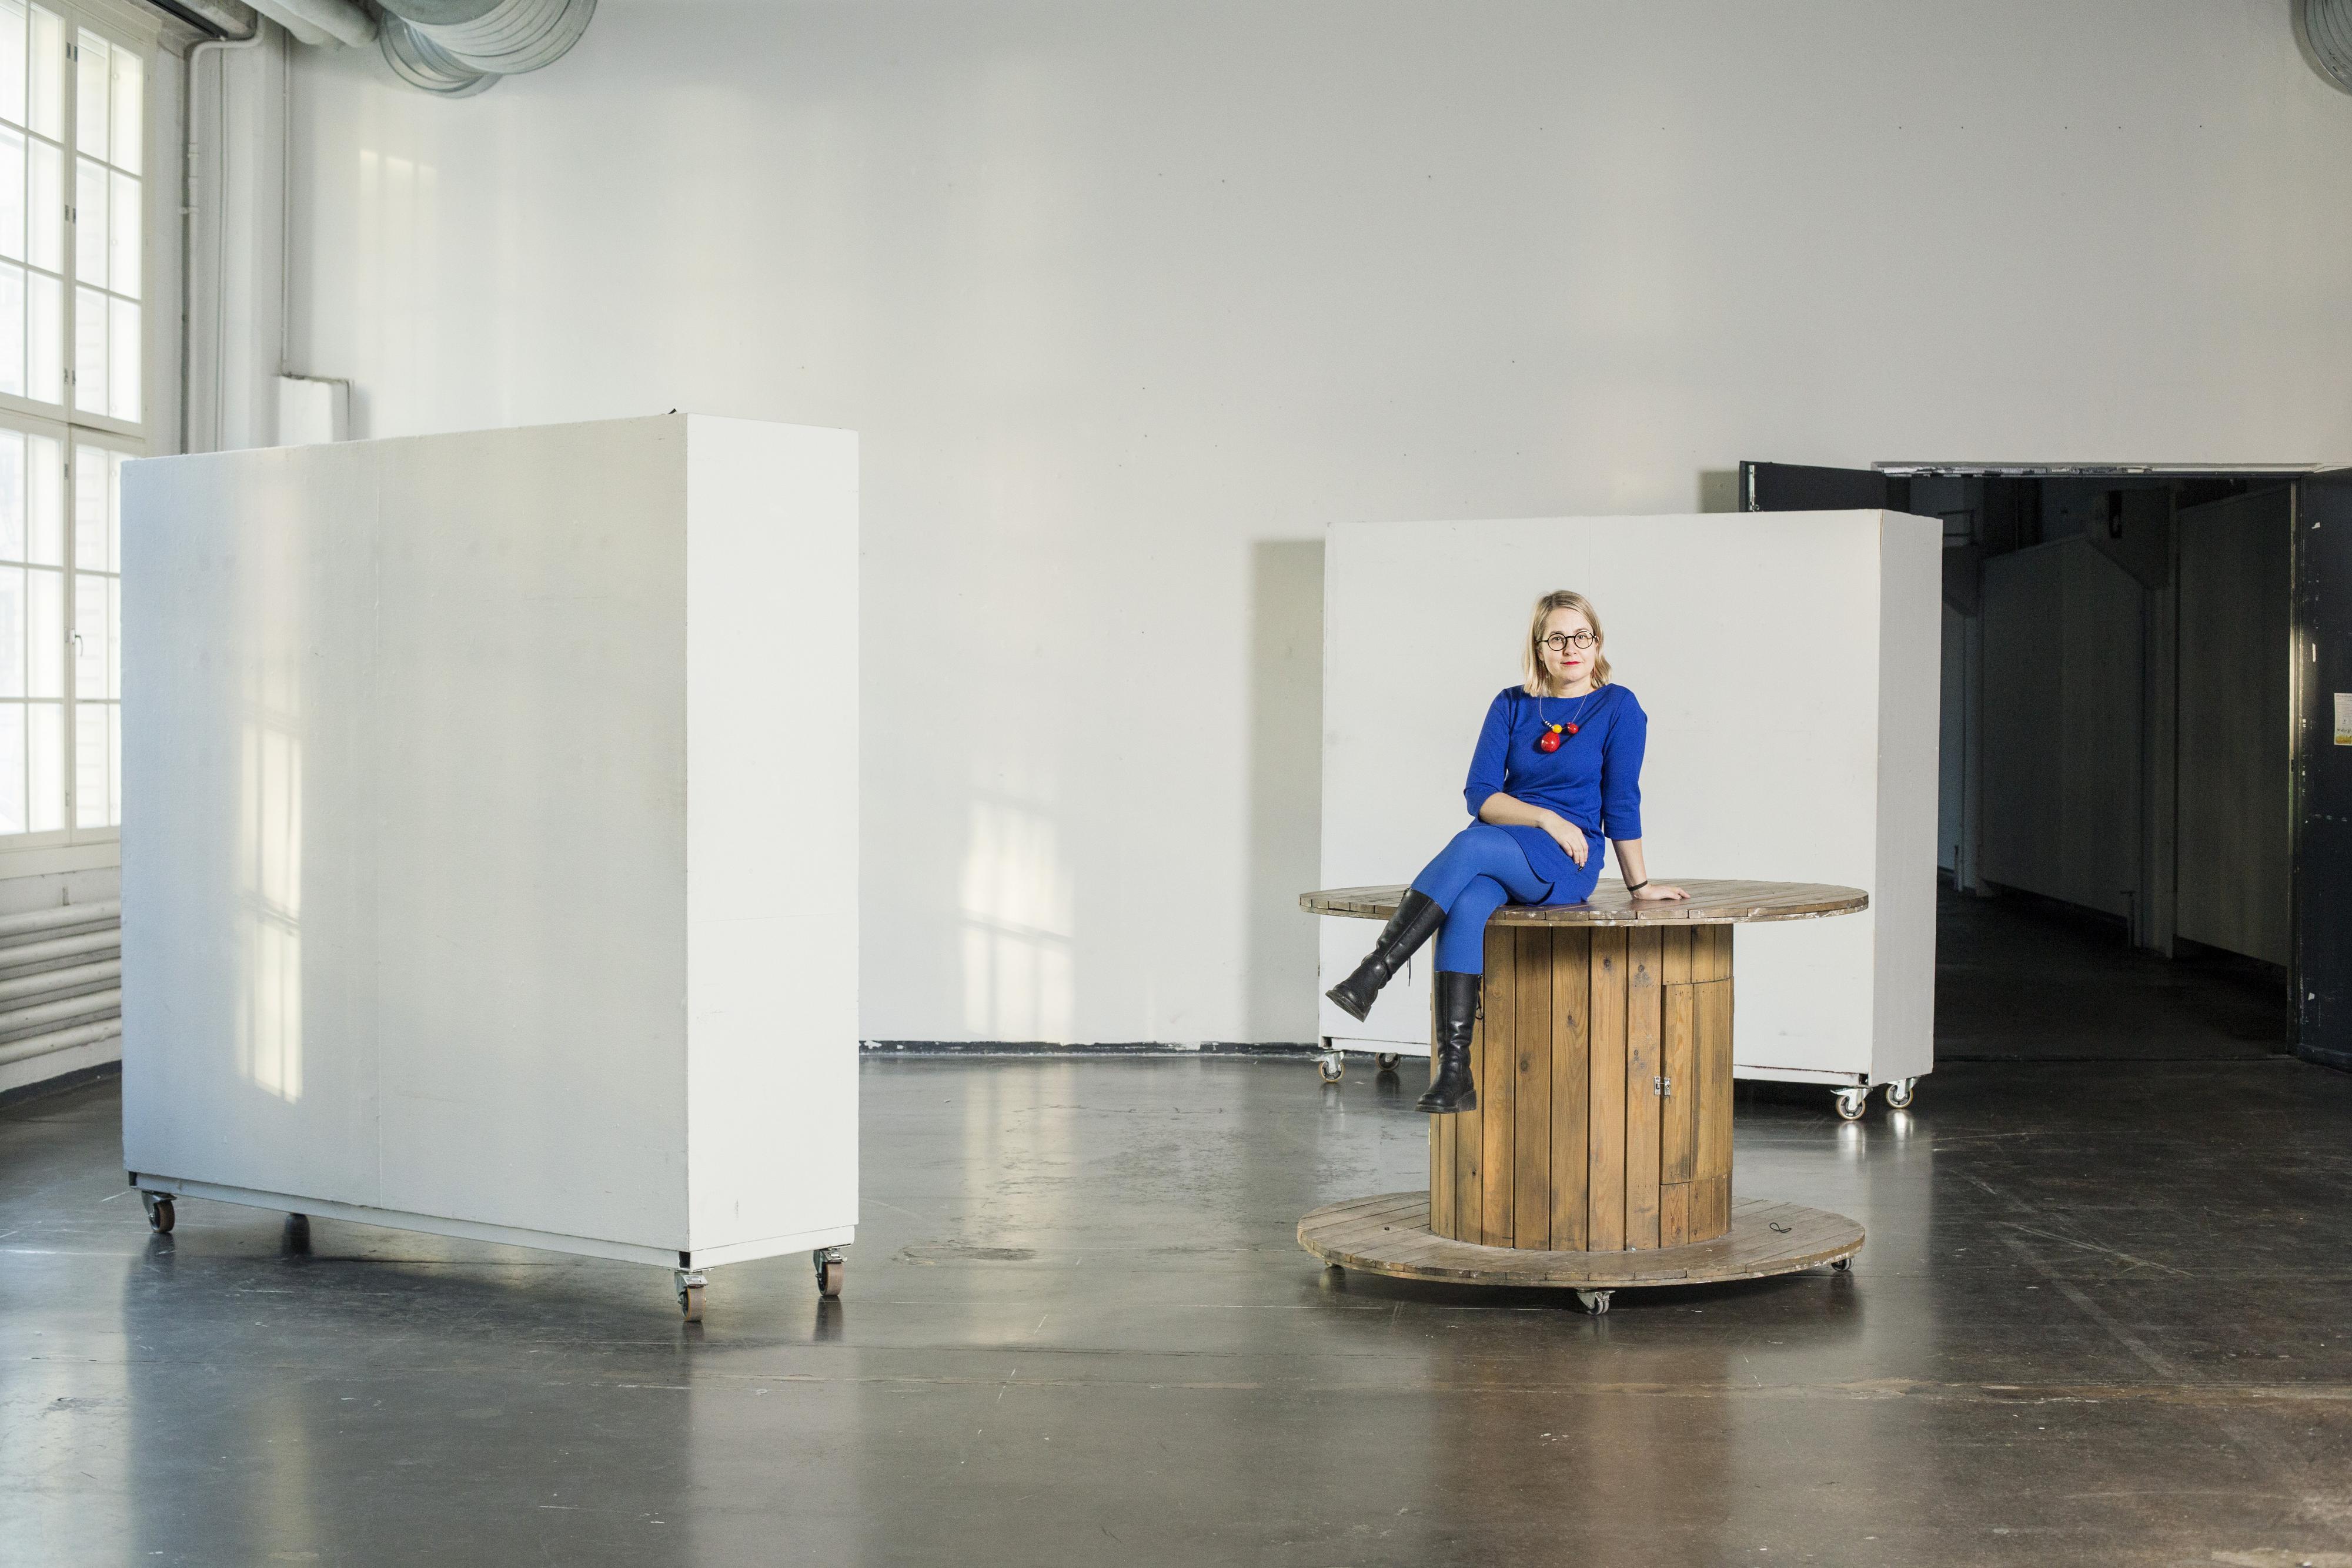 Clarice Finell toimii Ornamon Teosmyynnin galleristina jo neljättä kertaa. Kuva: Anni Koponen.